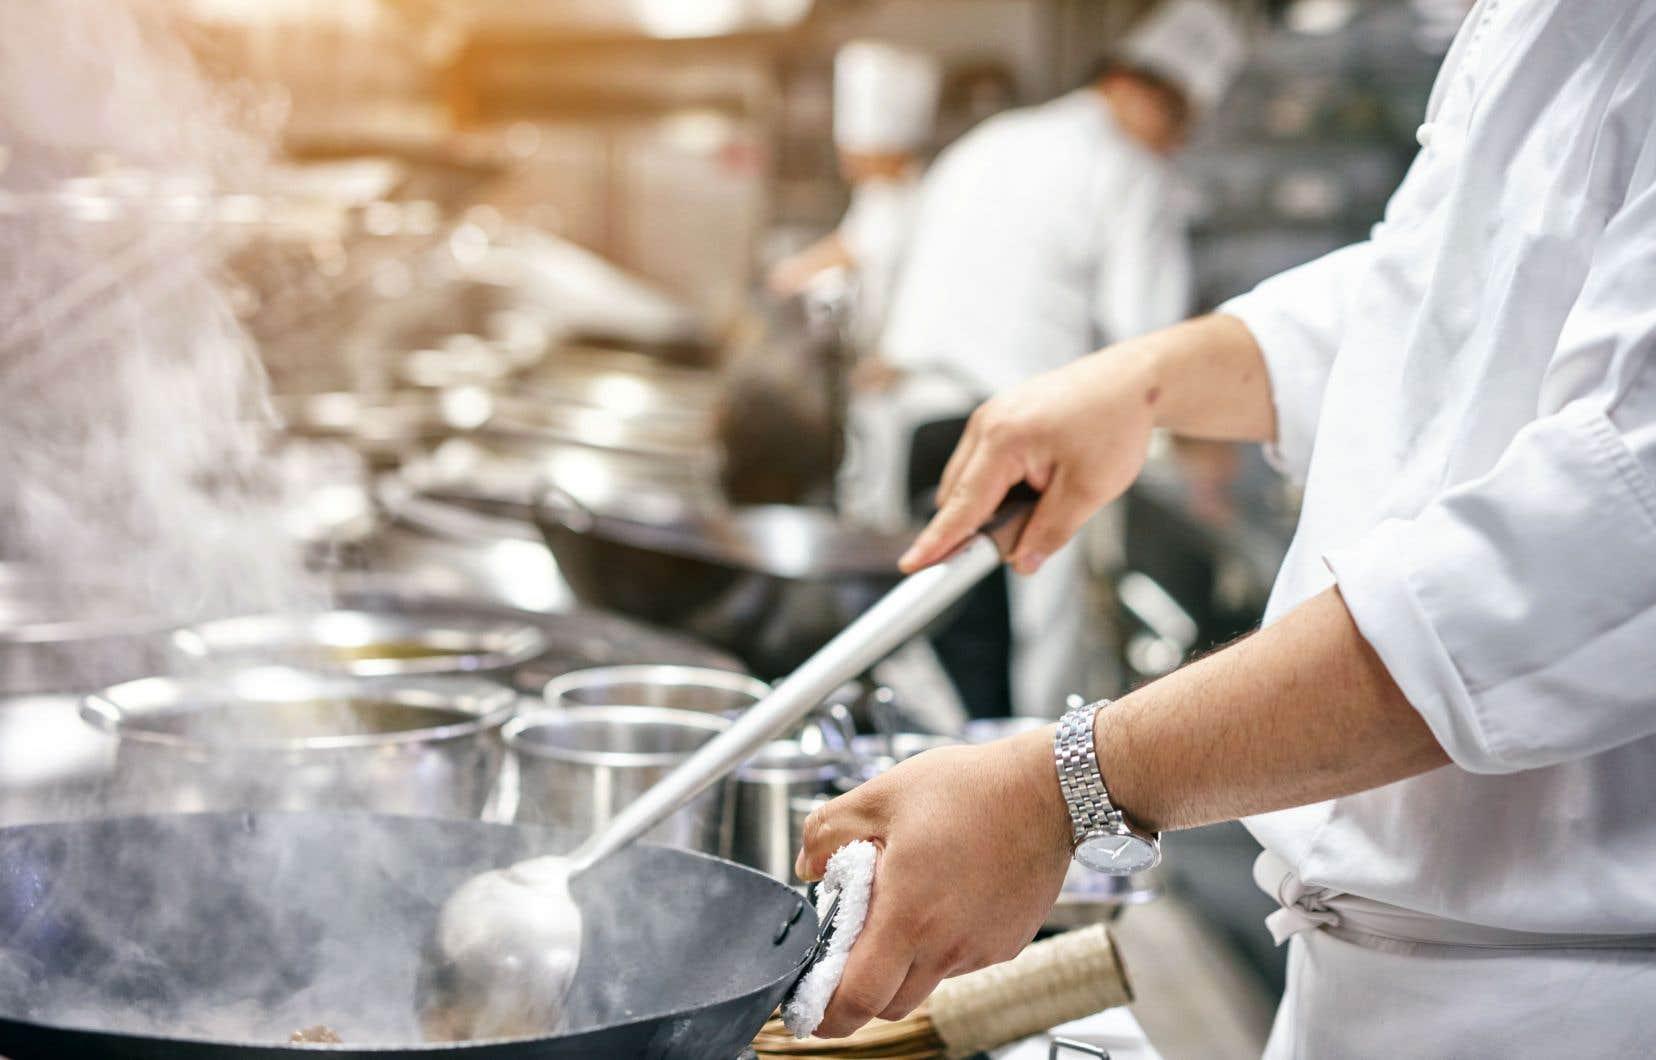 Une expérience dix ans en cuisine et un diplôme universitaire de quatre ans en gastronomie n'ont pas permis à un demandeur d'asile de travailler dans la cuisine d'un CHSLD. Photo d'illustration.